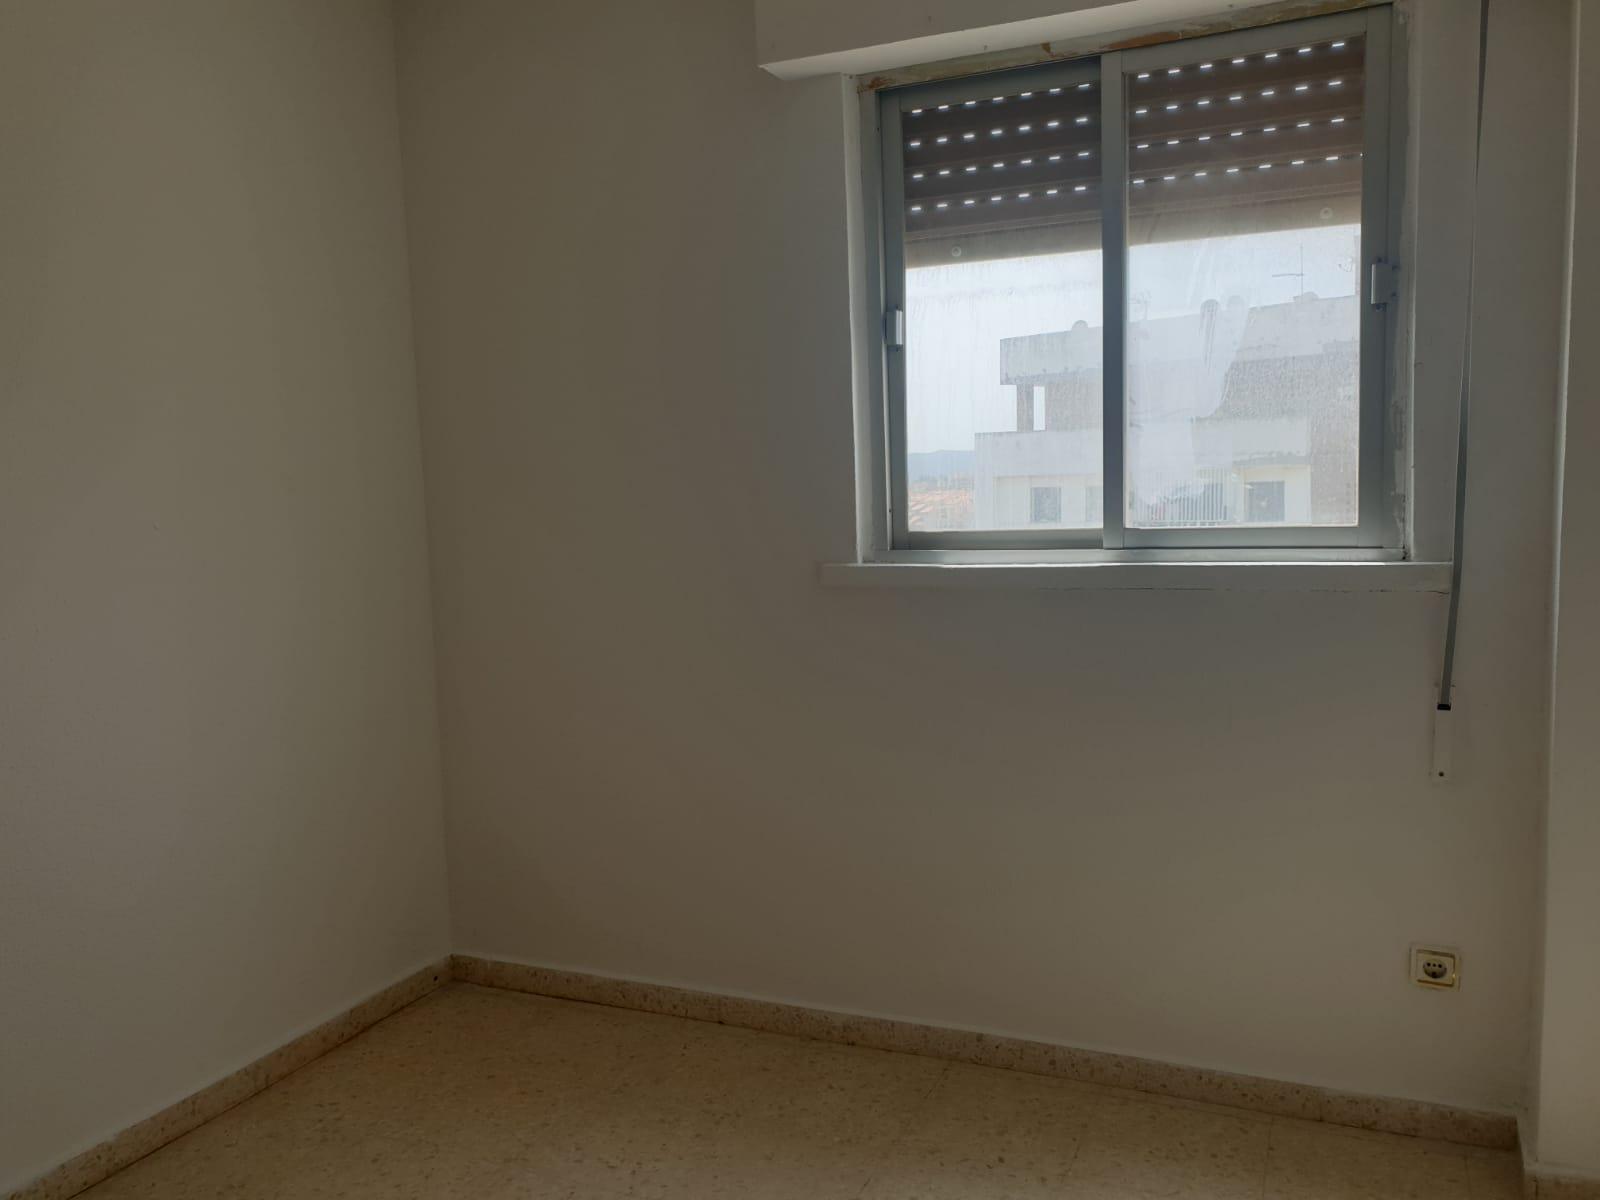 Piso en venta en Piso en Algeciras, Cádiz, 45.000 €, 2 habitaciones, 1 baño, 75 m2